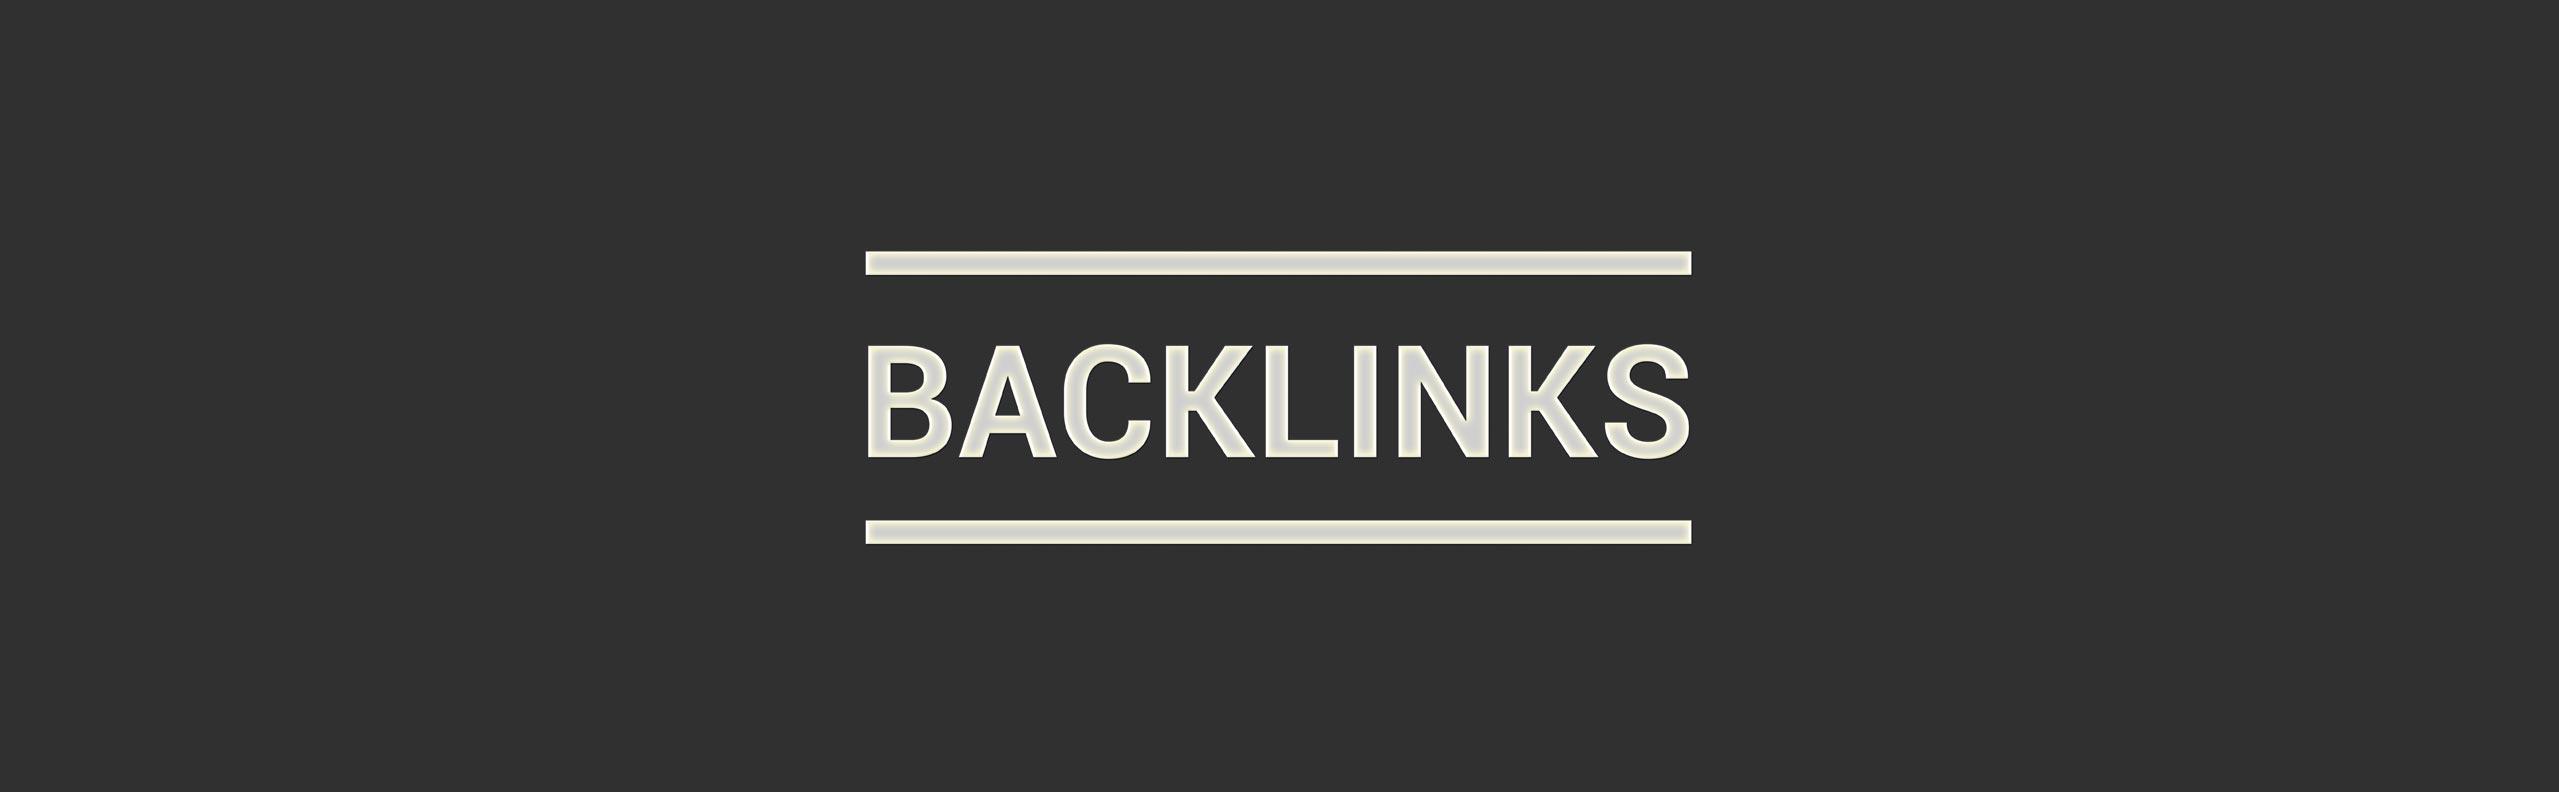 10 Best Back-links Ideas